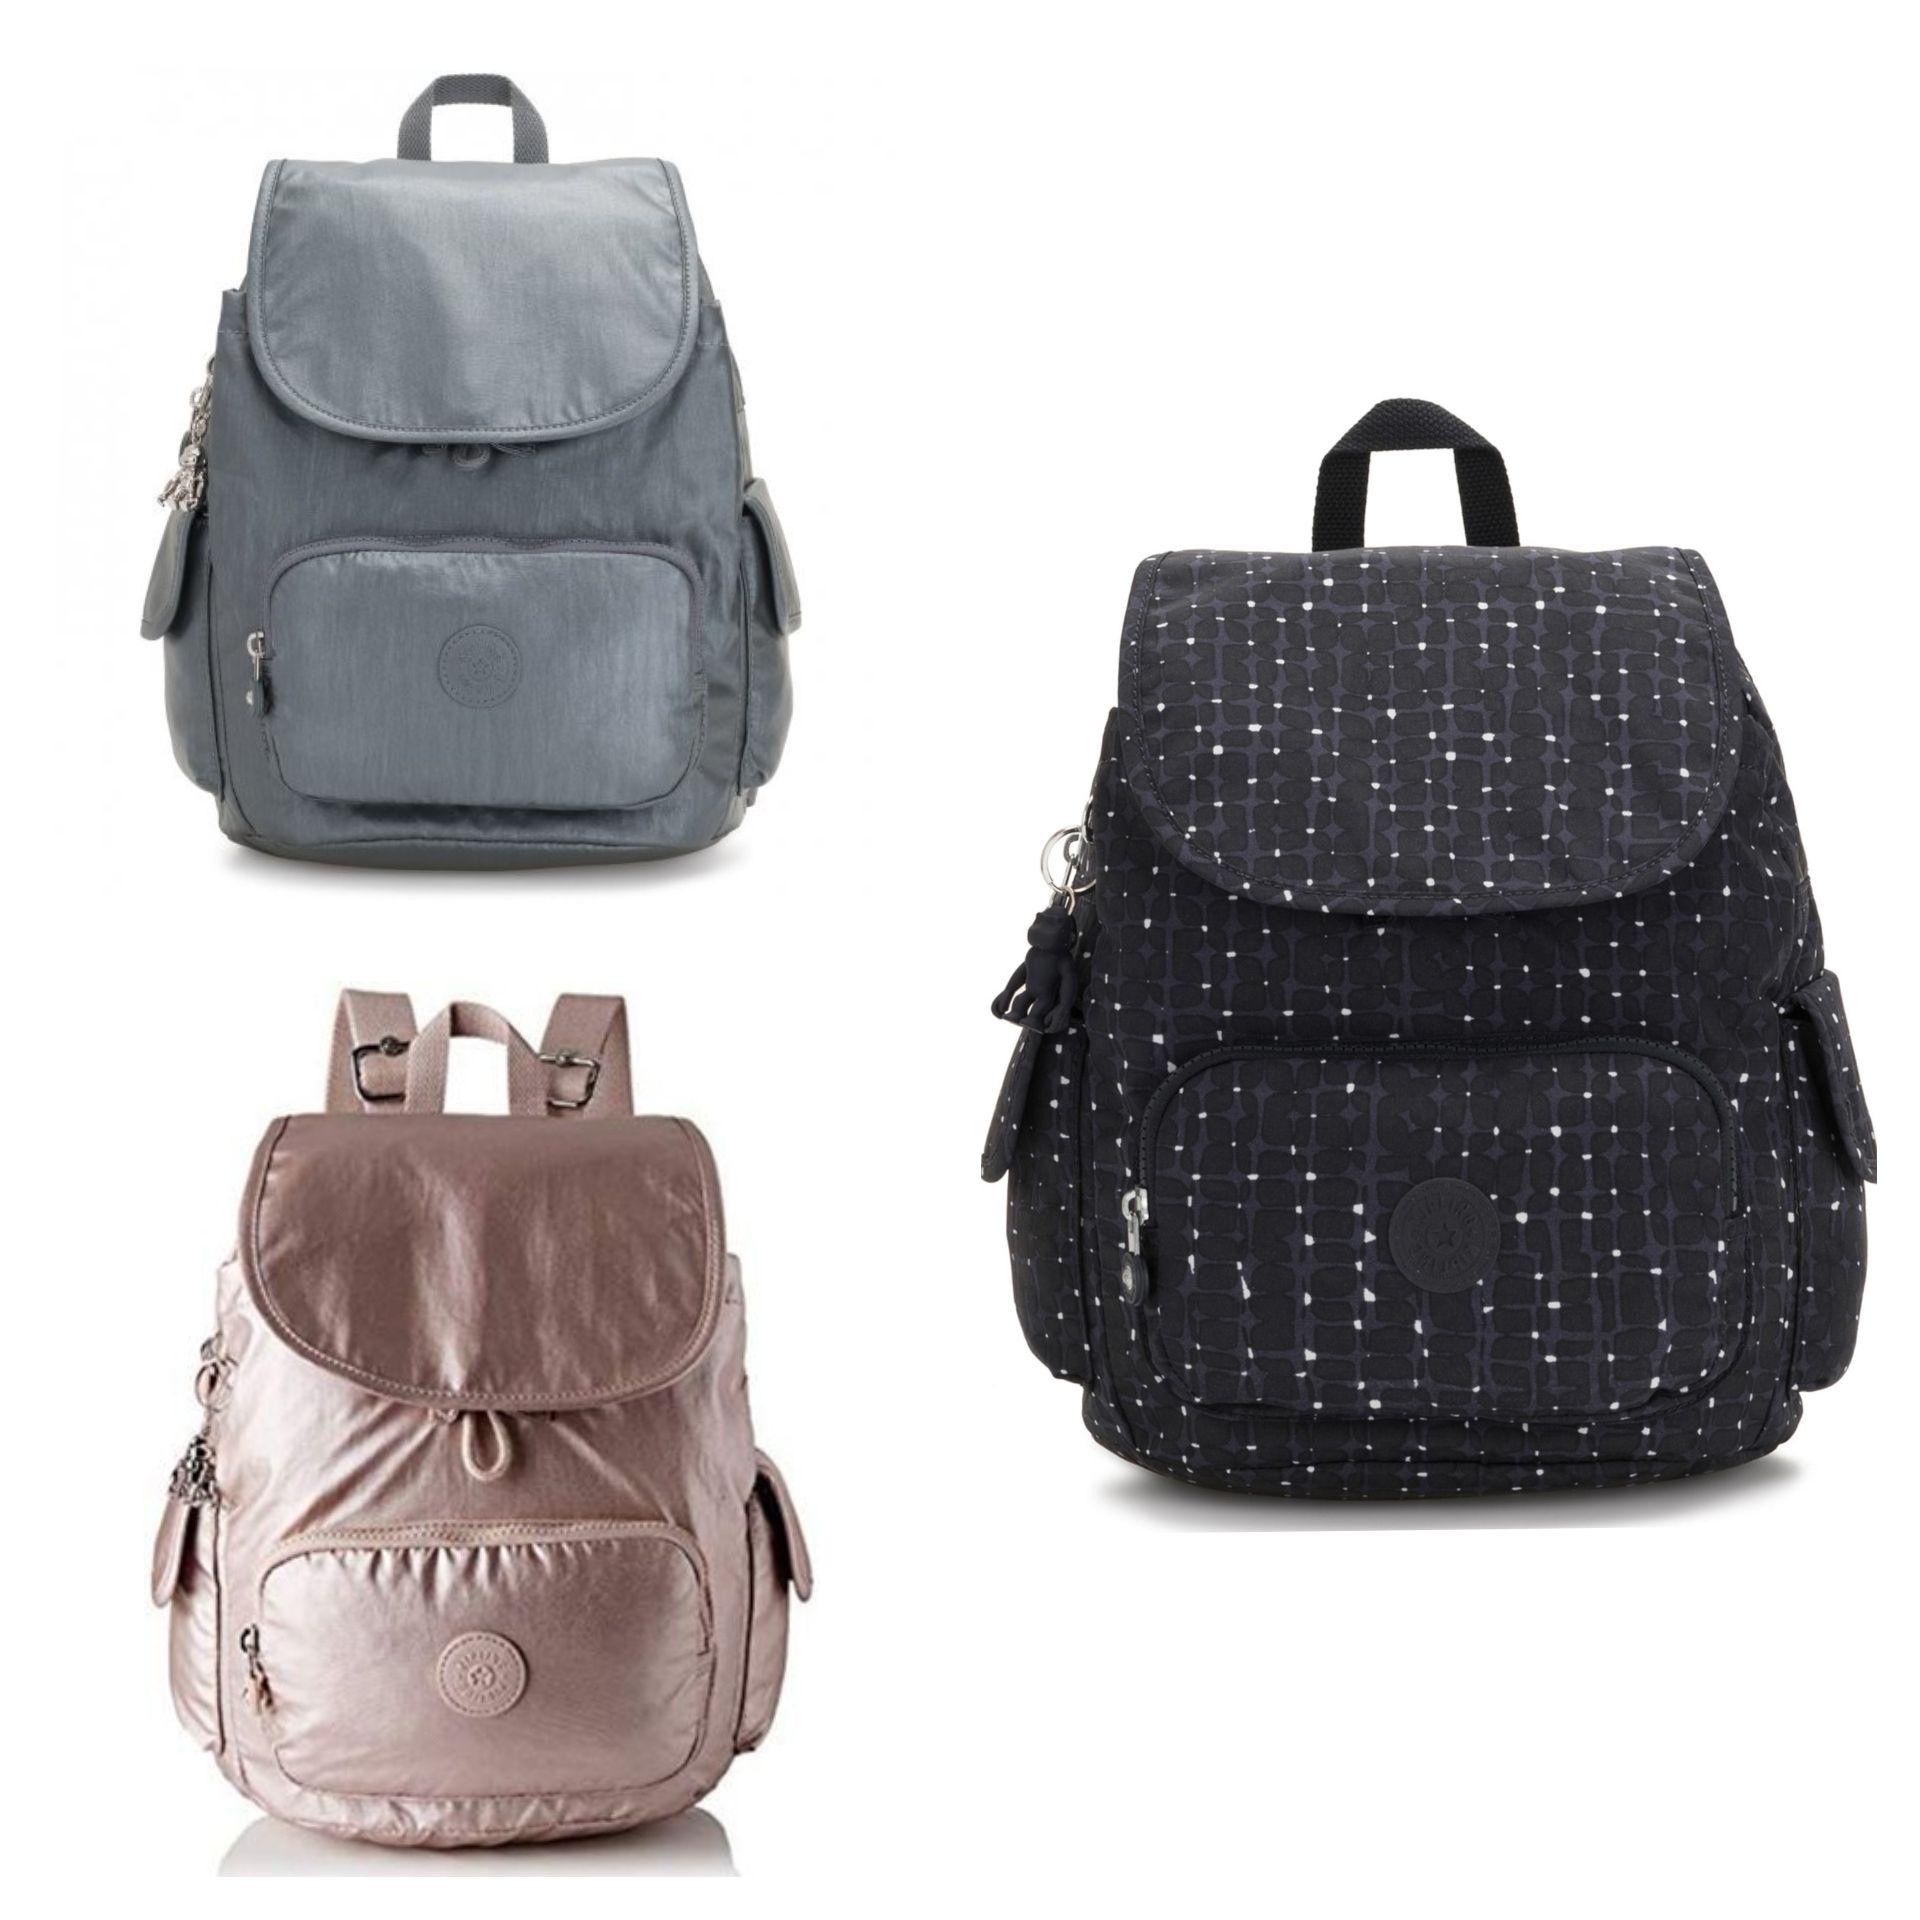 Kipling, City Pack S, Rucksack, Tragerucksack, Sammeldeal